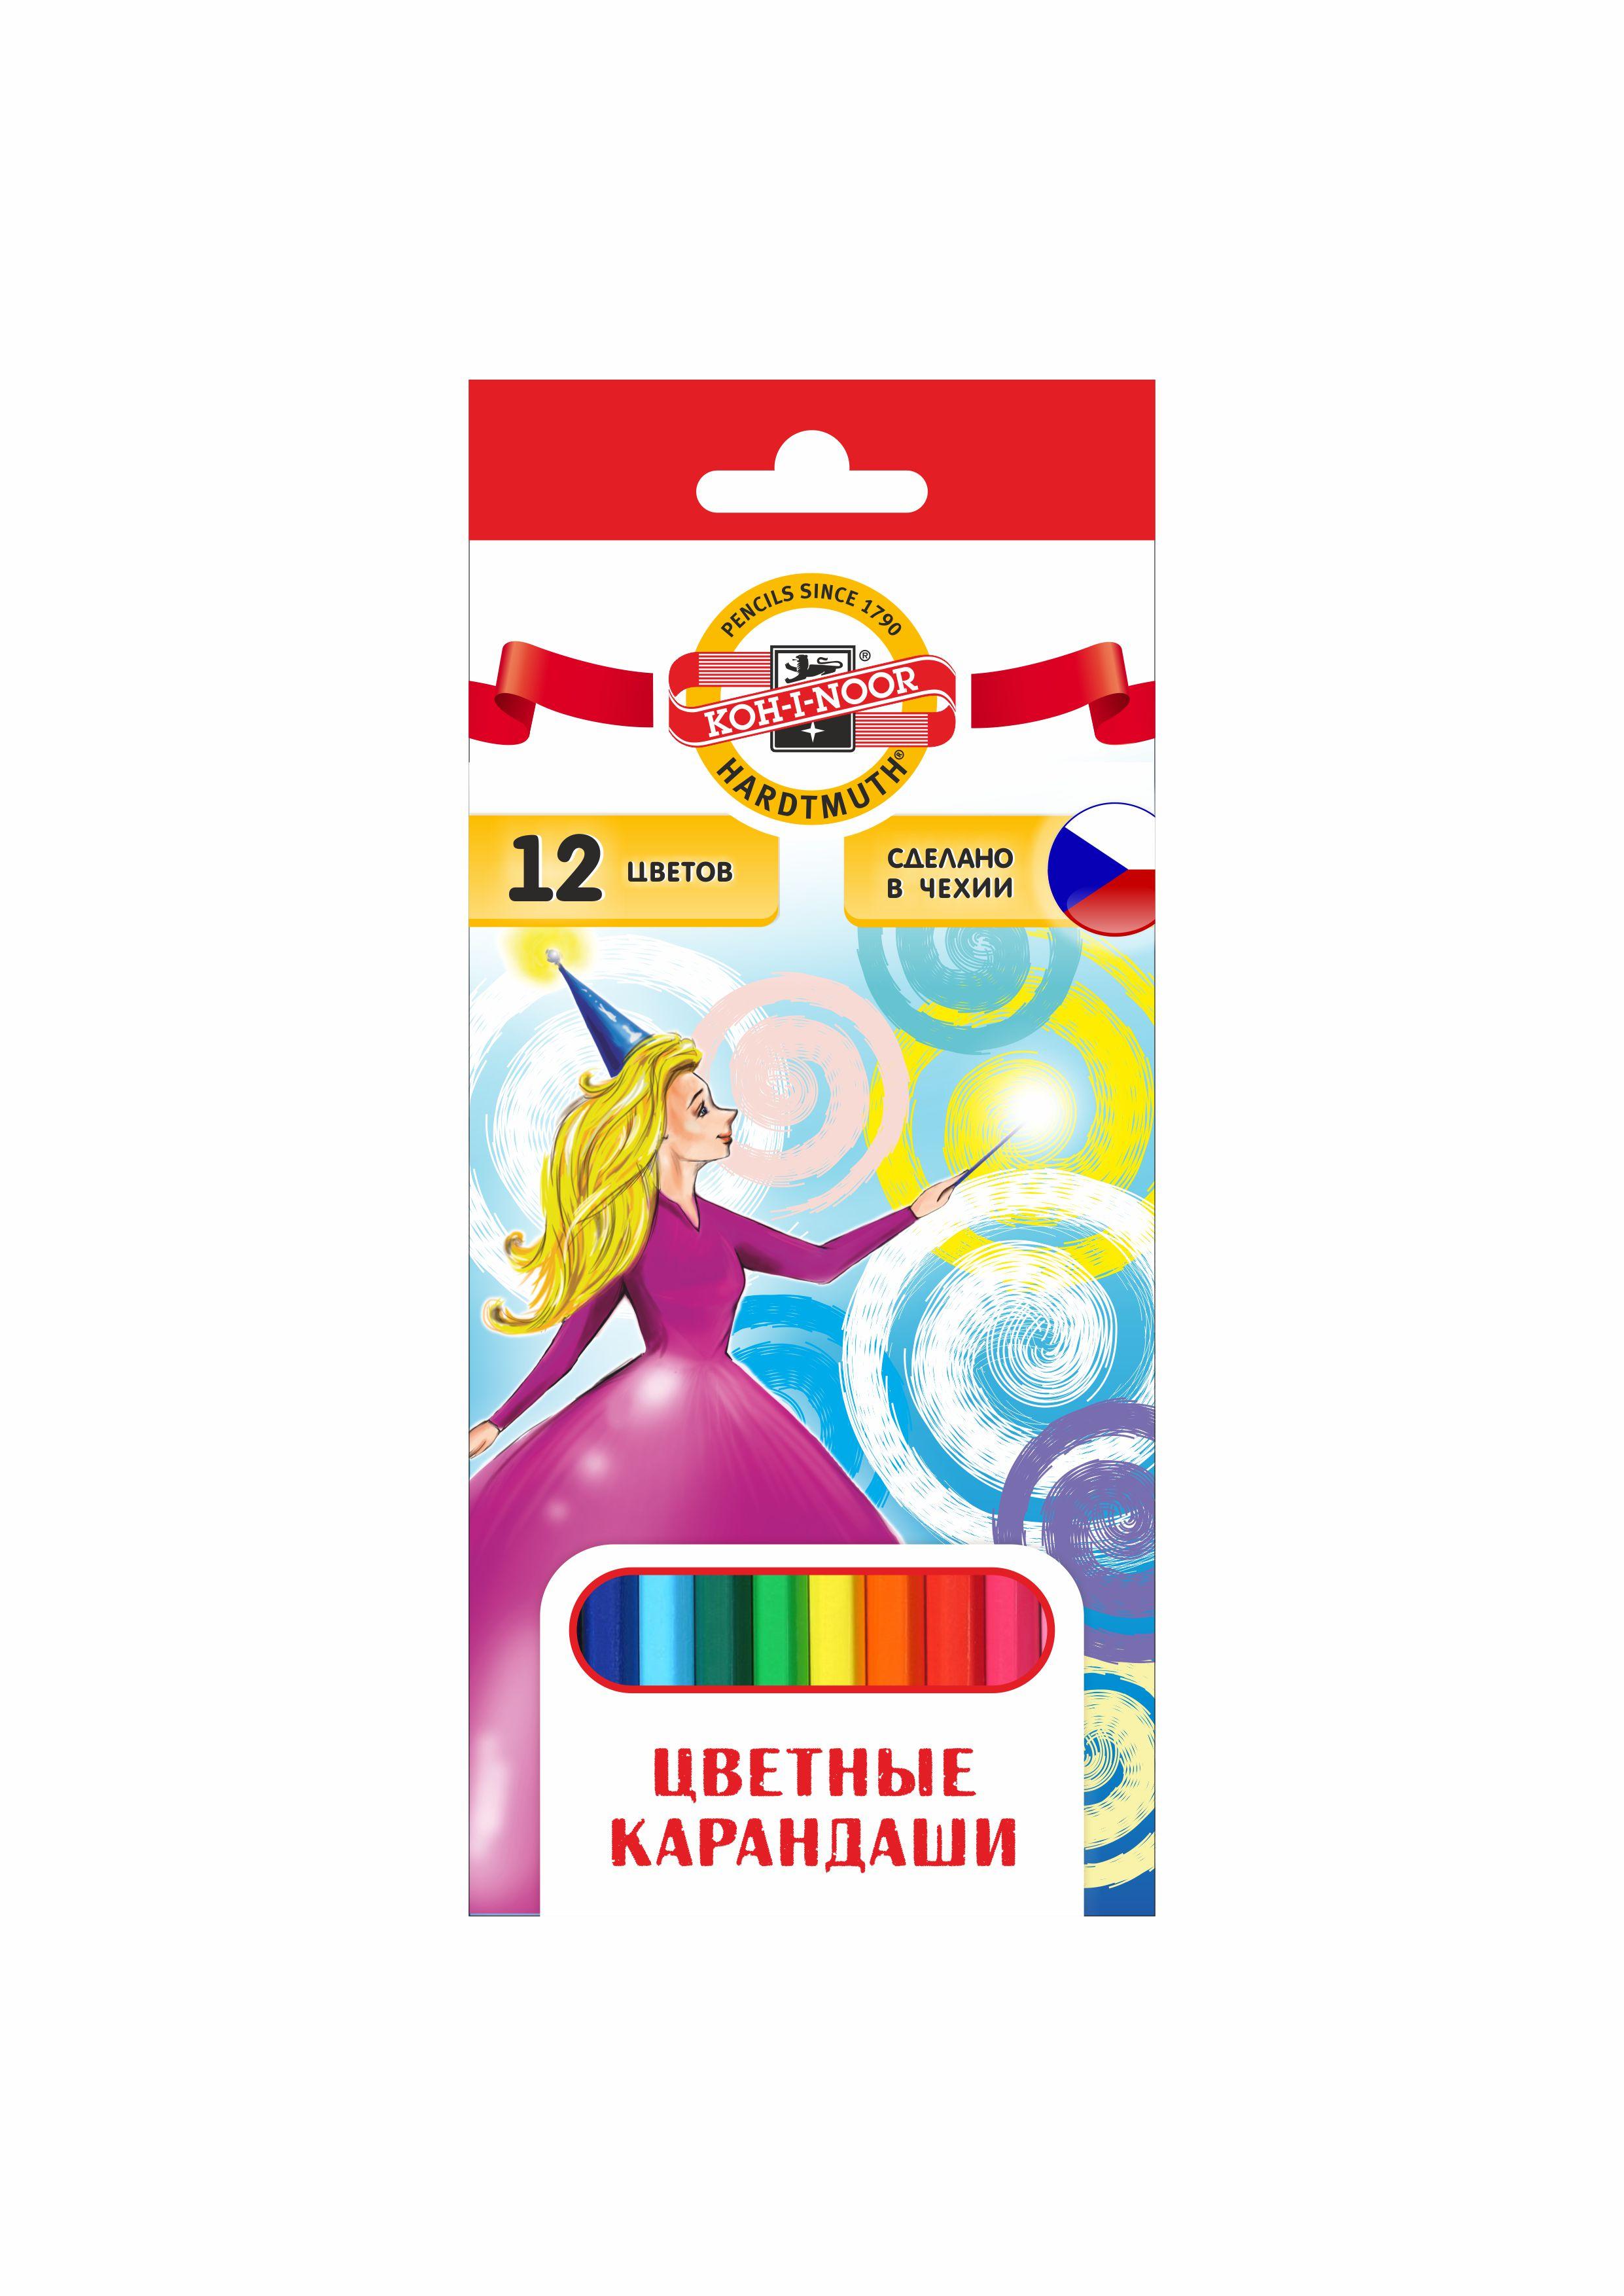 Разработка дизайна упаковки для чешского бренда KOH-I-NOOR фото f_81259edc54282069.jpg